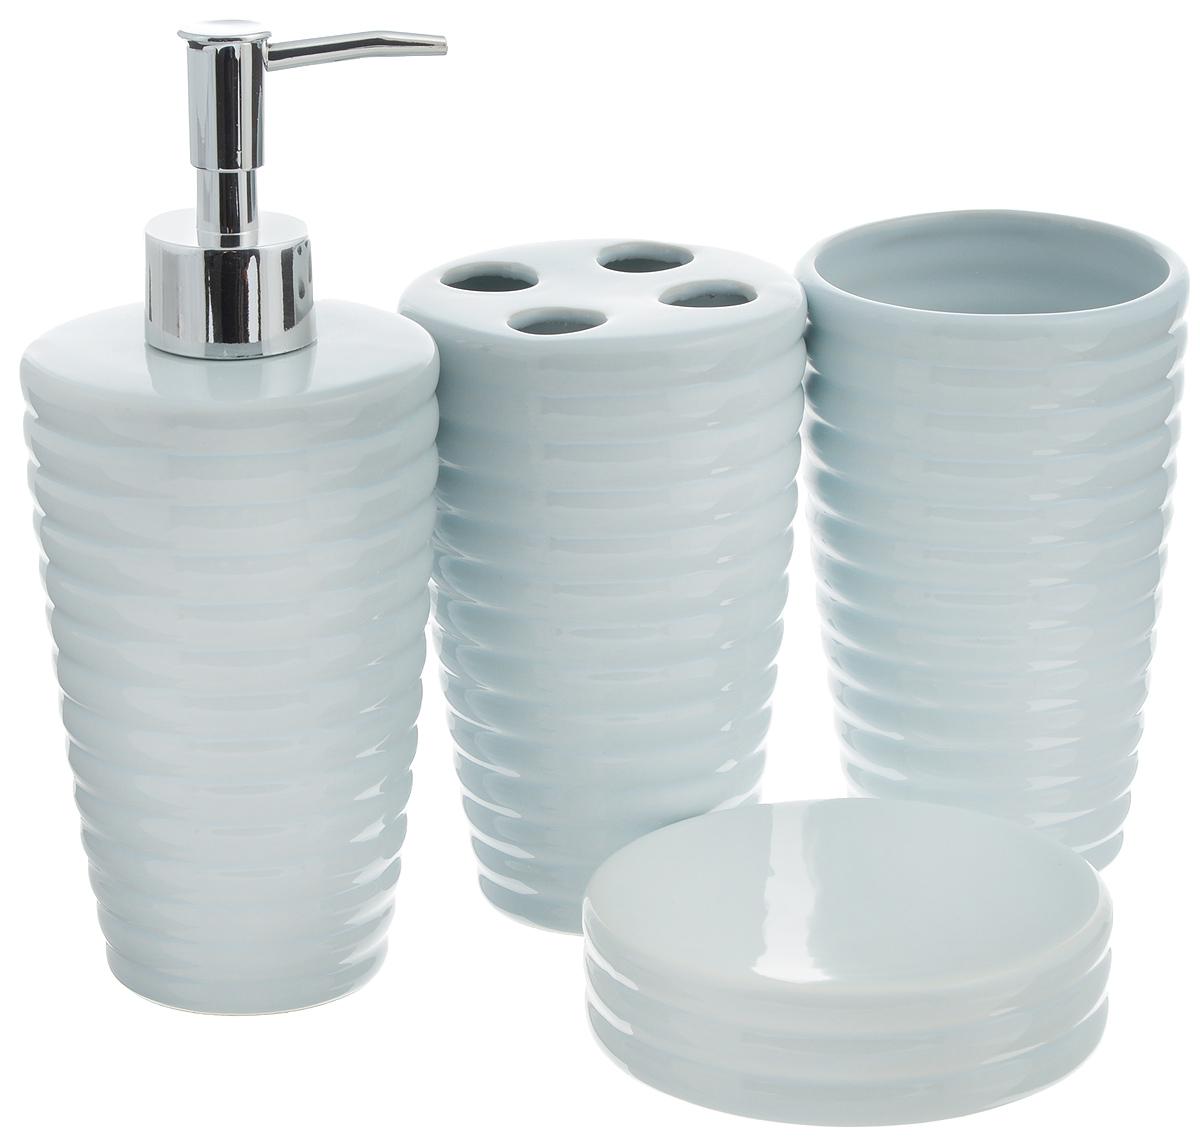 Набор для ванной комнаты Aqua Line Мята, 4 предмета1300140Набор для ванной комнаты Aqua Line Мята включает стакан, подставку для зубных щеток, мыльницу и диспенсер для жидкого мыла с пластиковым дозатором. Набор выполнен из прочного фарфора высокого качества и декорирован красивым рельефом.Все элементы выдержаны в одном стиле, что позволяет создать в ванной комнате стильный и оригинальный функционально-декоративный ансамбль. Такой набор аксессуаров придаст интерьеру вашей ванной комнаты элегантность и современность. Размер мыльницы: 10,5 х 10,5 х 3 см. Диаметр стакана/подставки (по верхнему краю): 8,5 см. Высота стакана/подставки: 13,5 см. Высота диспенсера: 20 см.